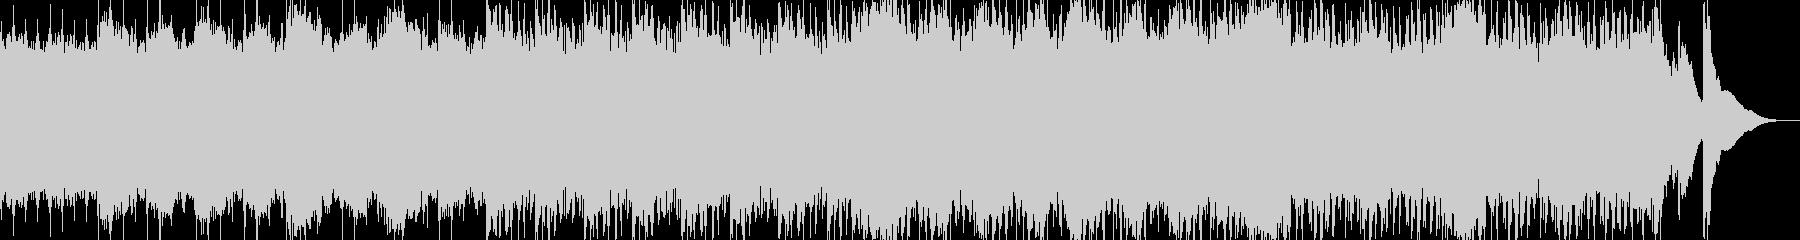 アップテンポのわくわくしたBGMの未再生の波形